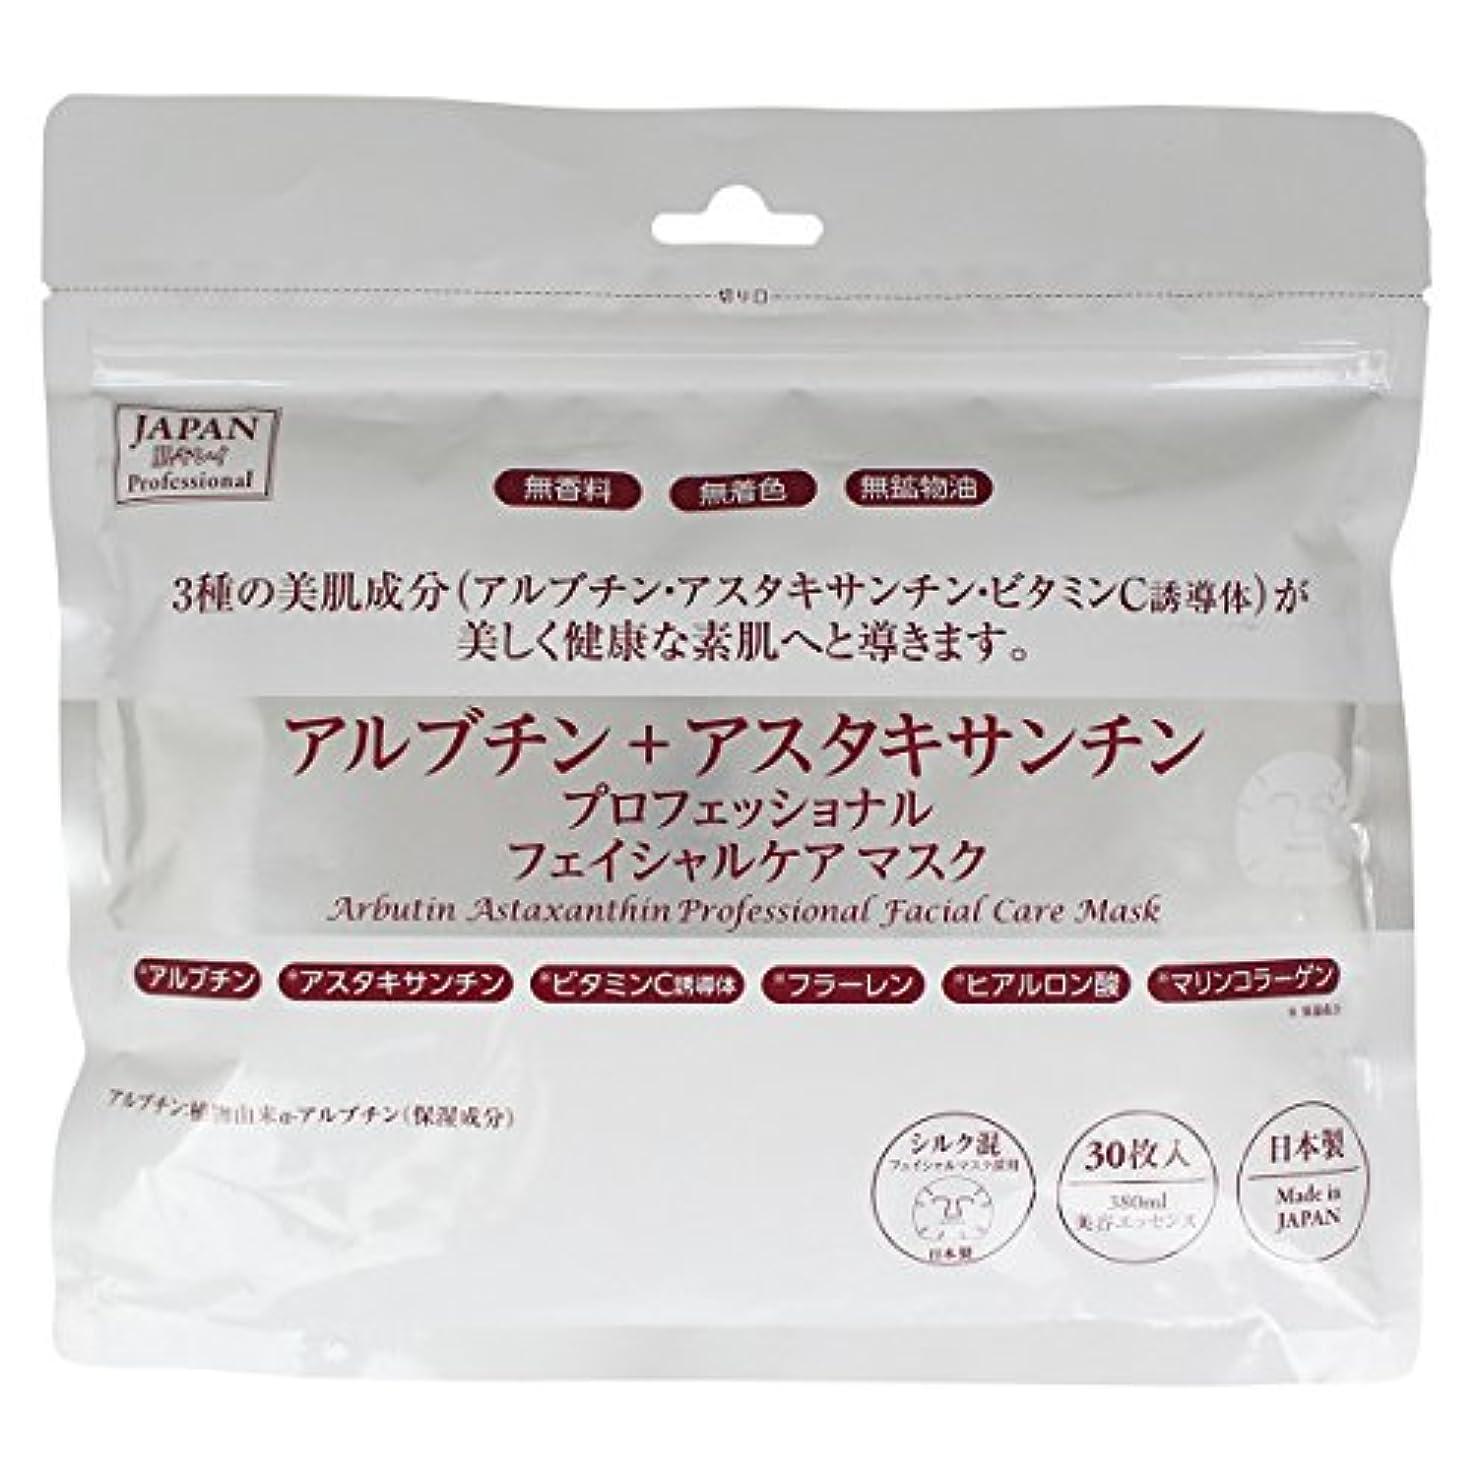 メガロポリス麦芽承認するプロフェッショナル フェイスマスク アルブチン+アスタキサンチン 30枚入